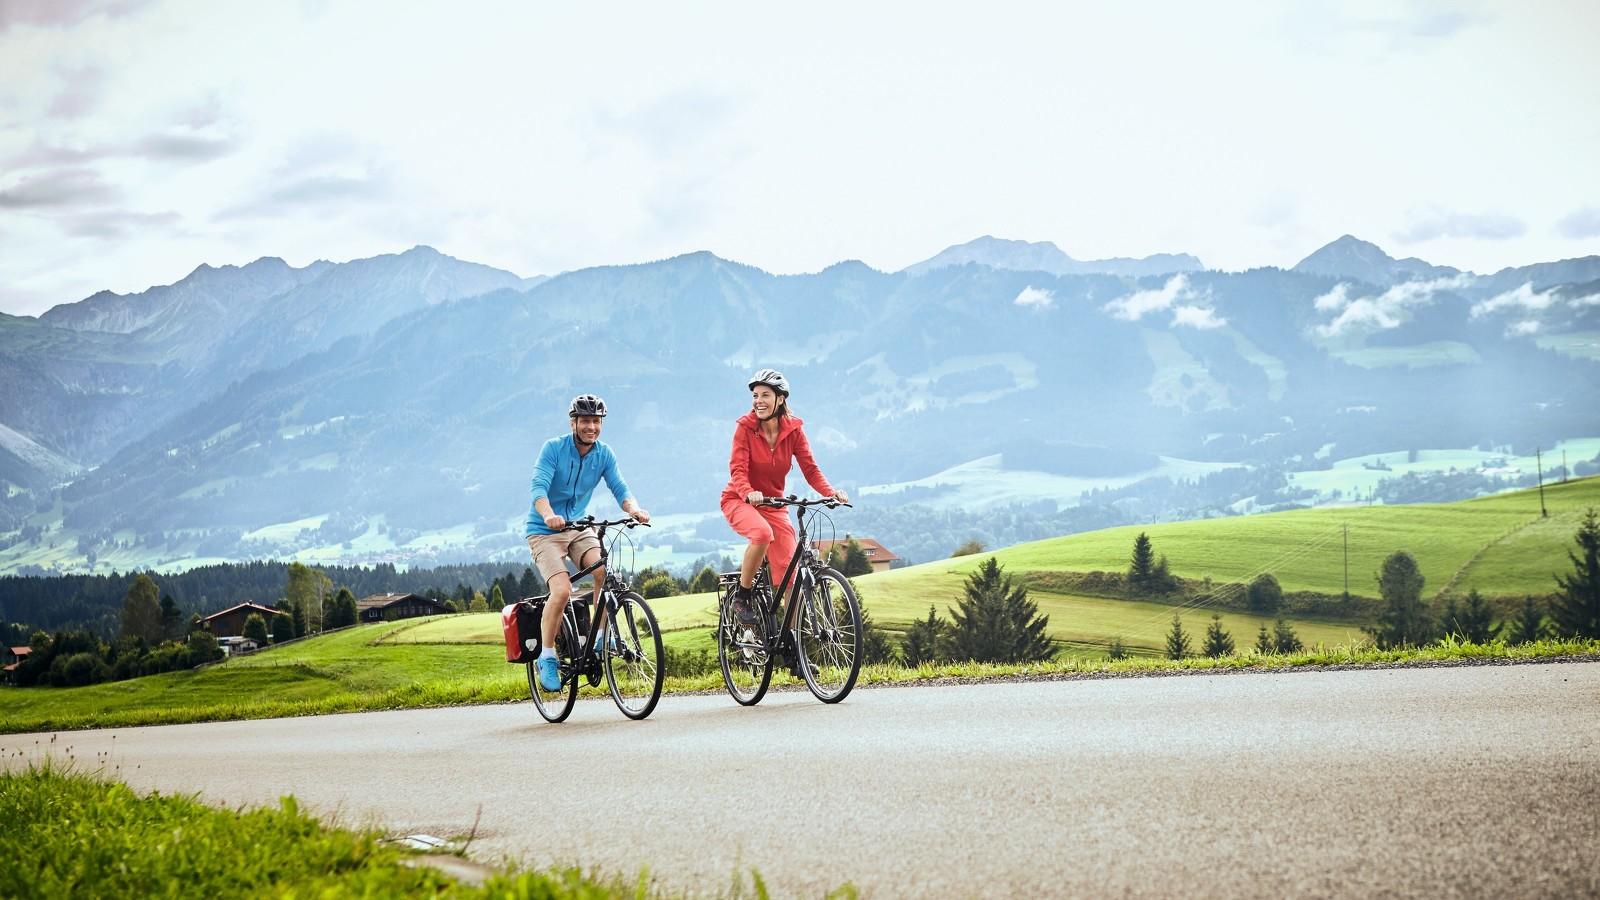 Pärchen auf einer Radtour im Allgäu mit Bergpanorama im Hintergrund © Allgäu GmbH; Christoph Gramann